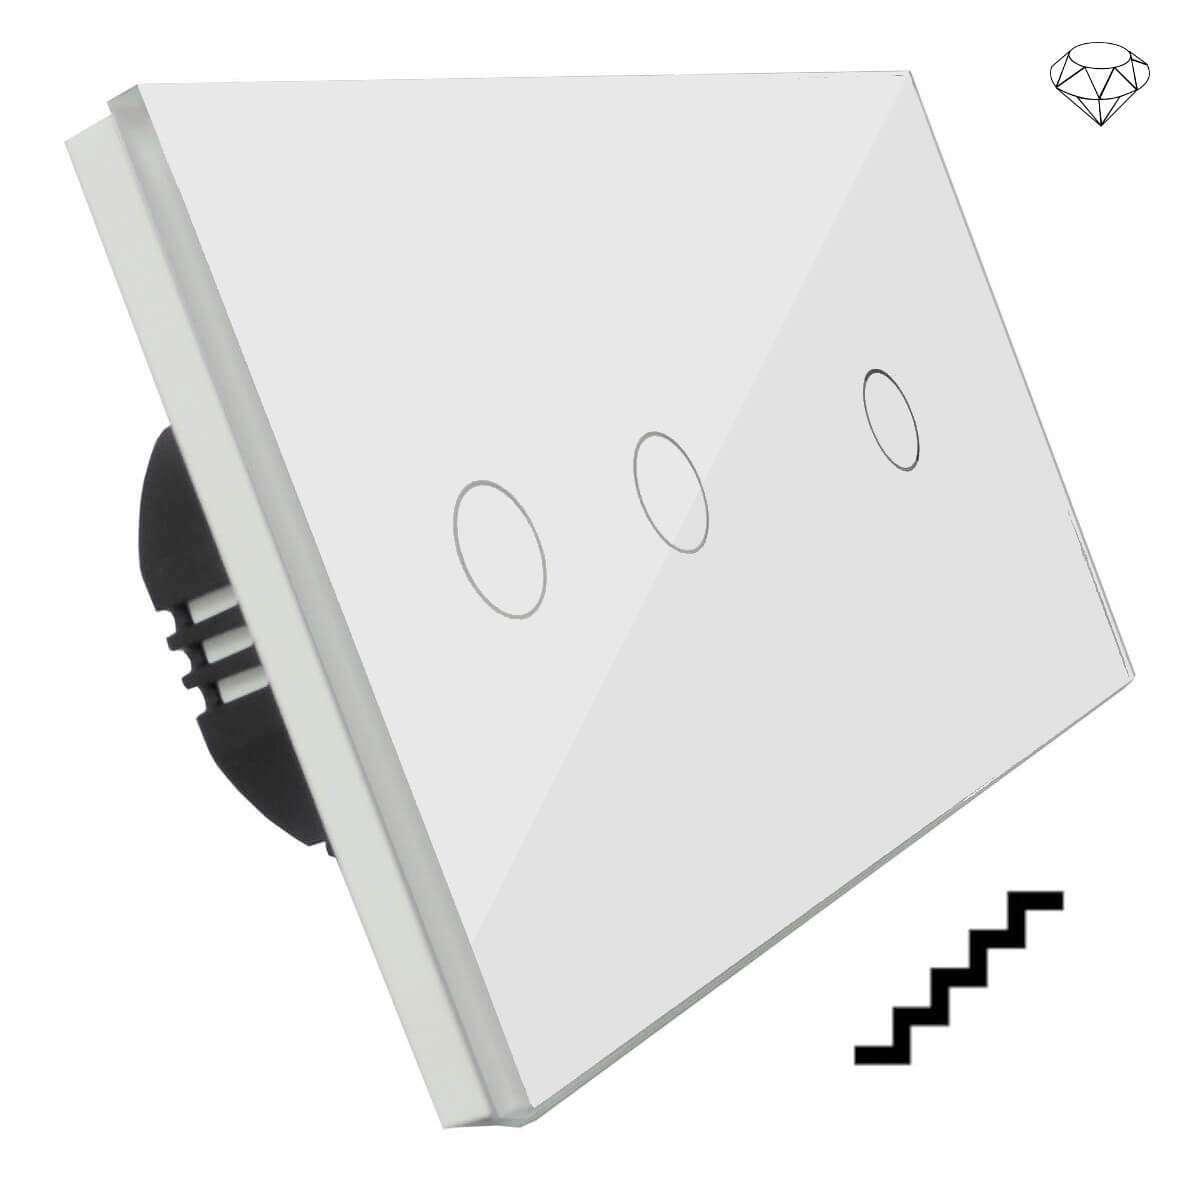 Szklany wyłącznik światła dotykowy dwuobwodowy, schodowy pojedynczy i podwójny, trzy przyciski, na dwie puszki, biały